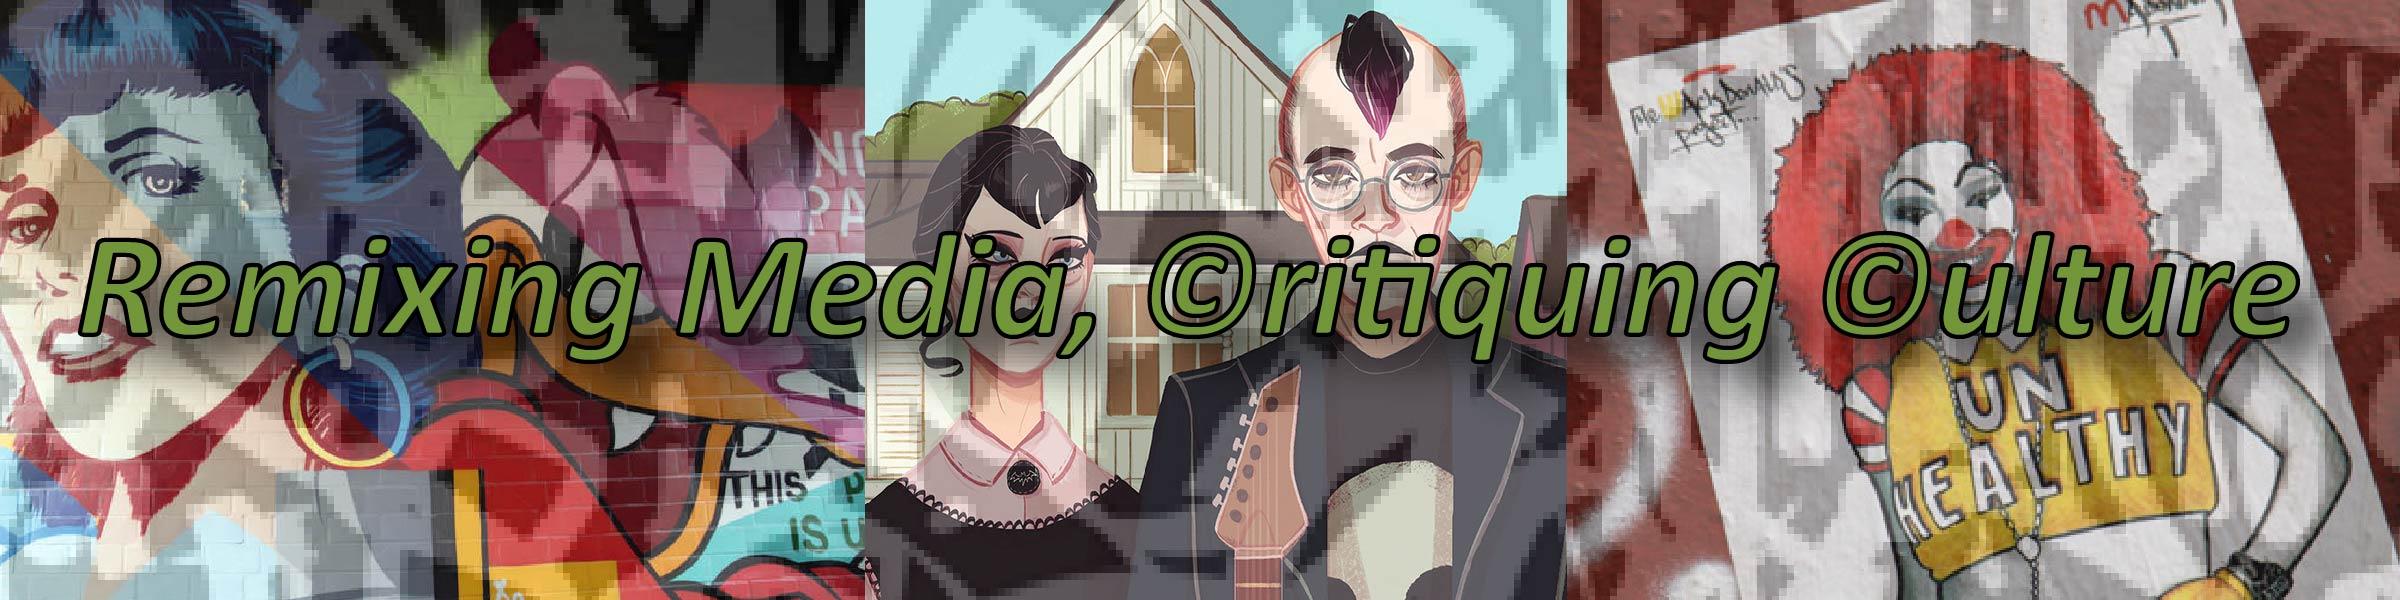 Remixing Media, Critiquing Culture